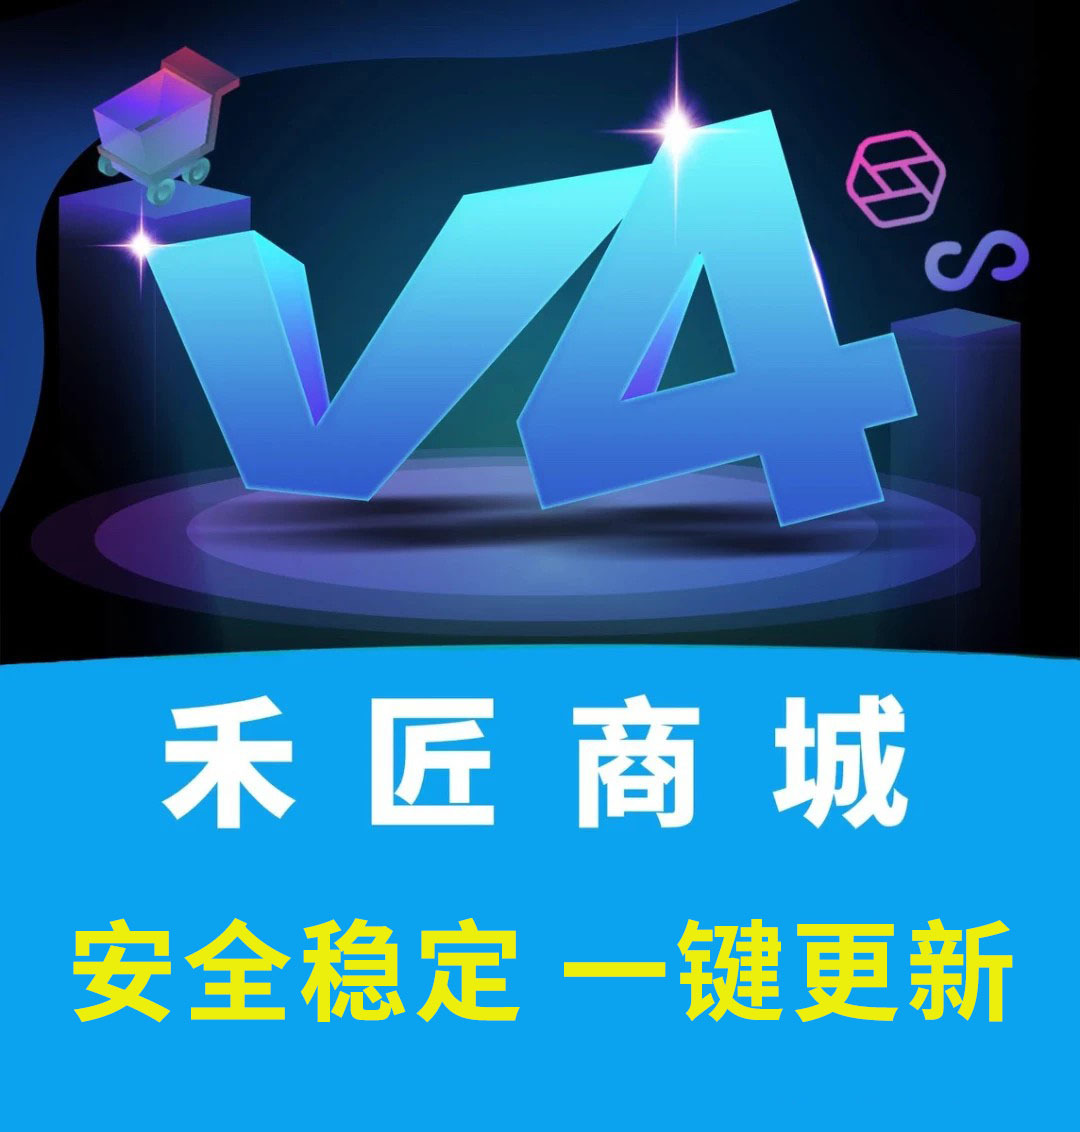 榜店商城禾匠独立版V4.5.2最新版五端全插件独立版在线更新完整安装包 修复社区团购提现问题